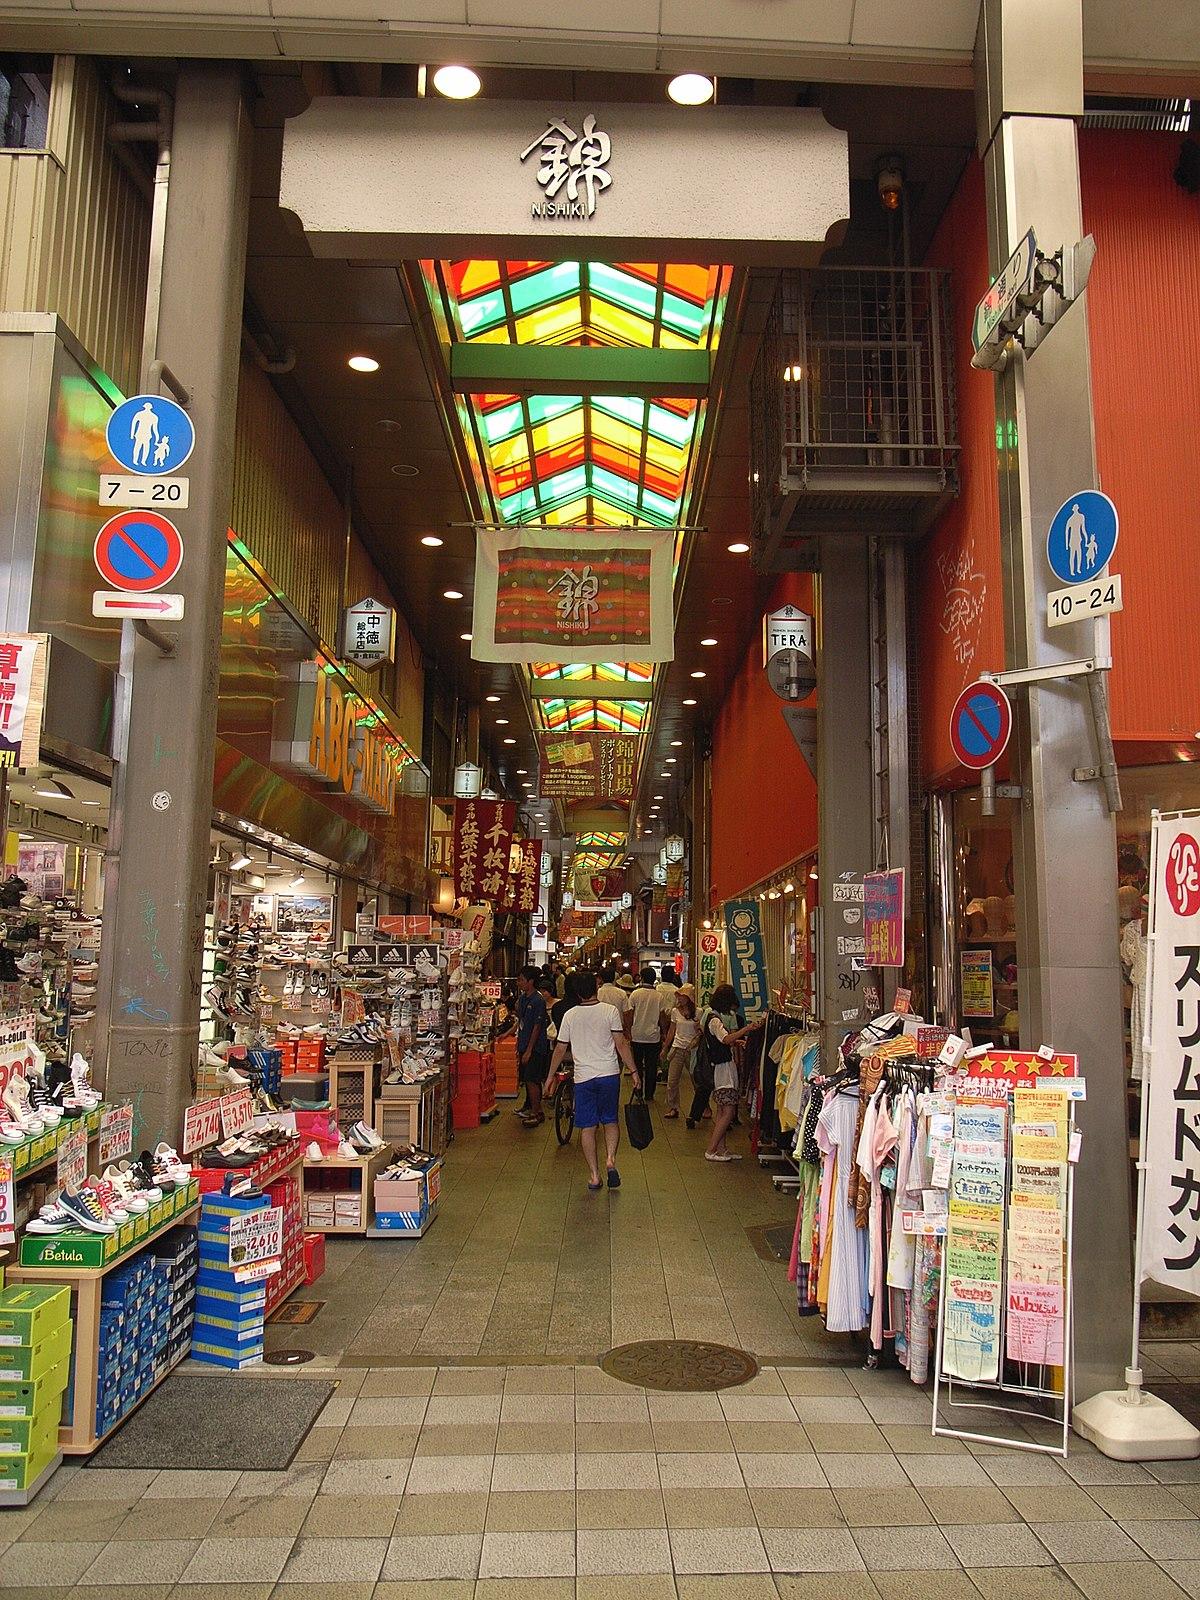 Nishiki Market - Wikipedia